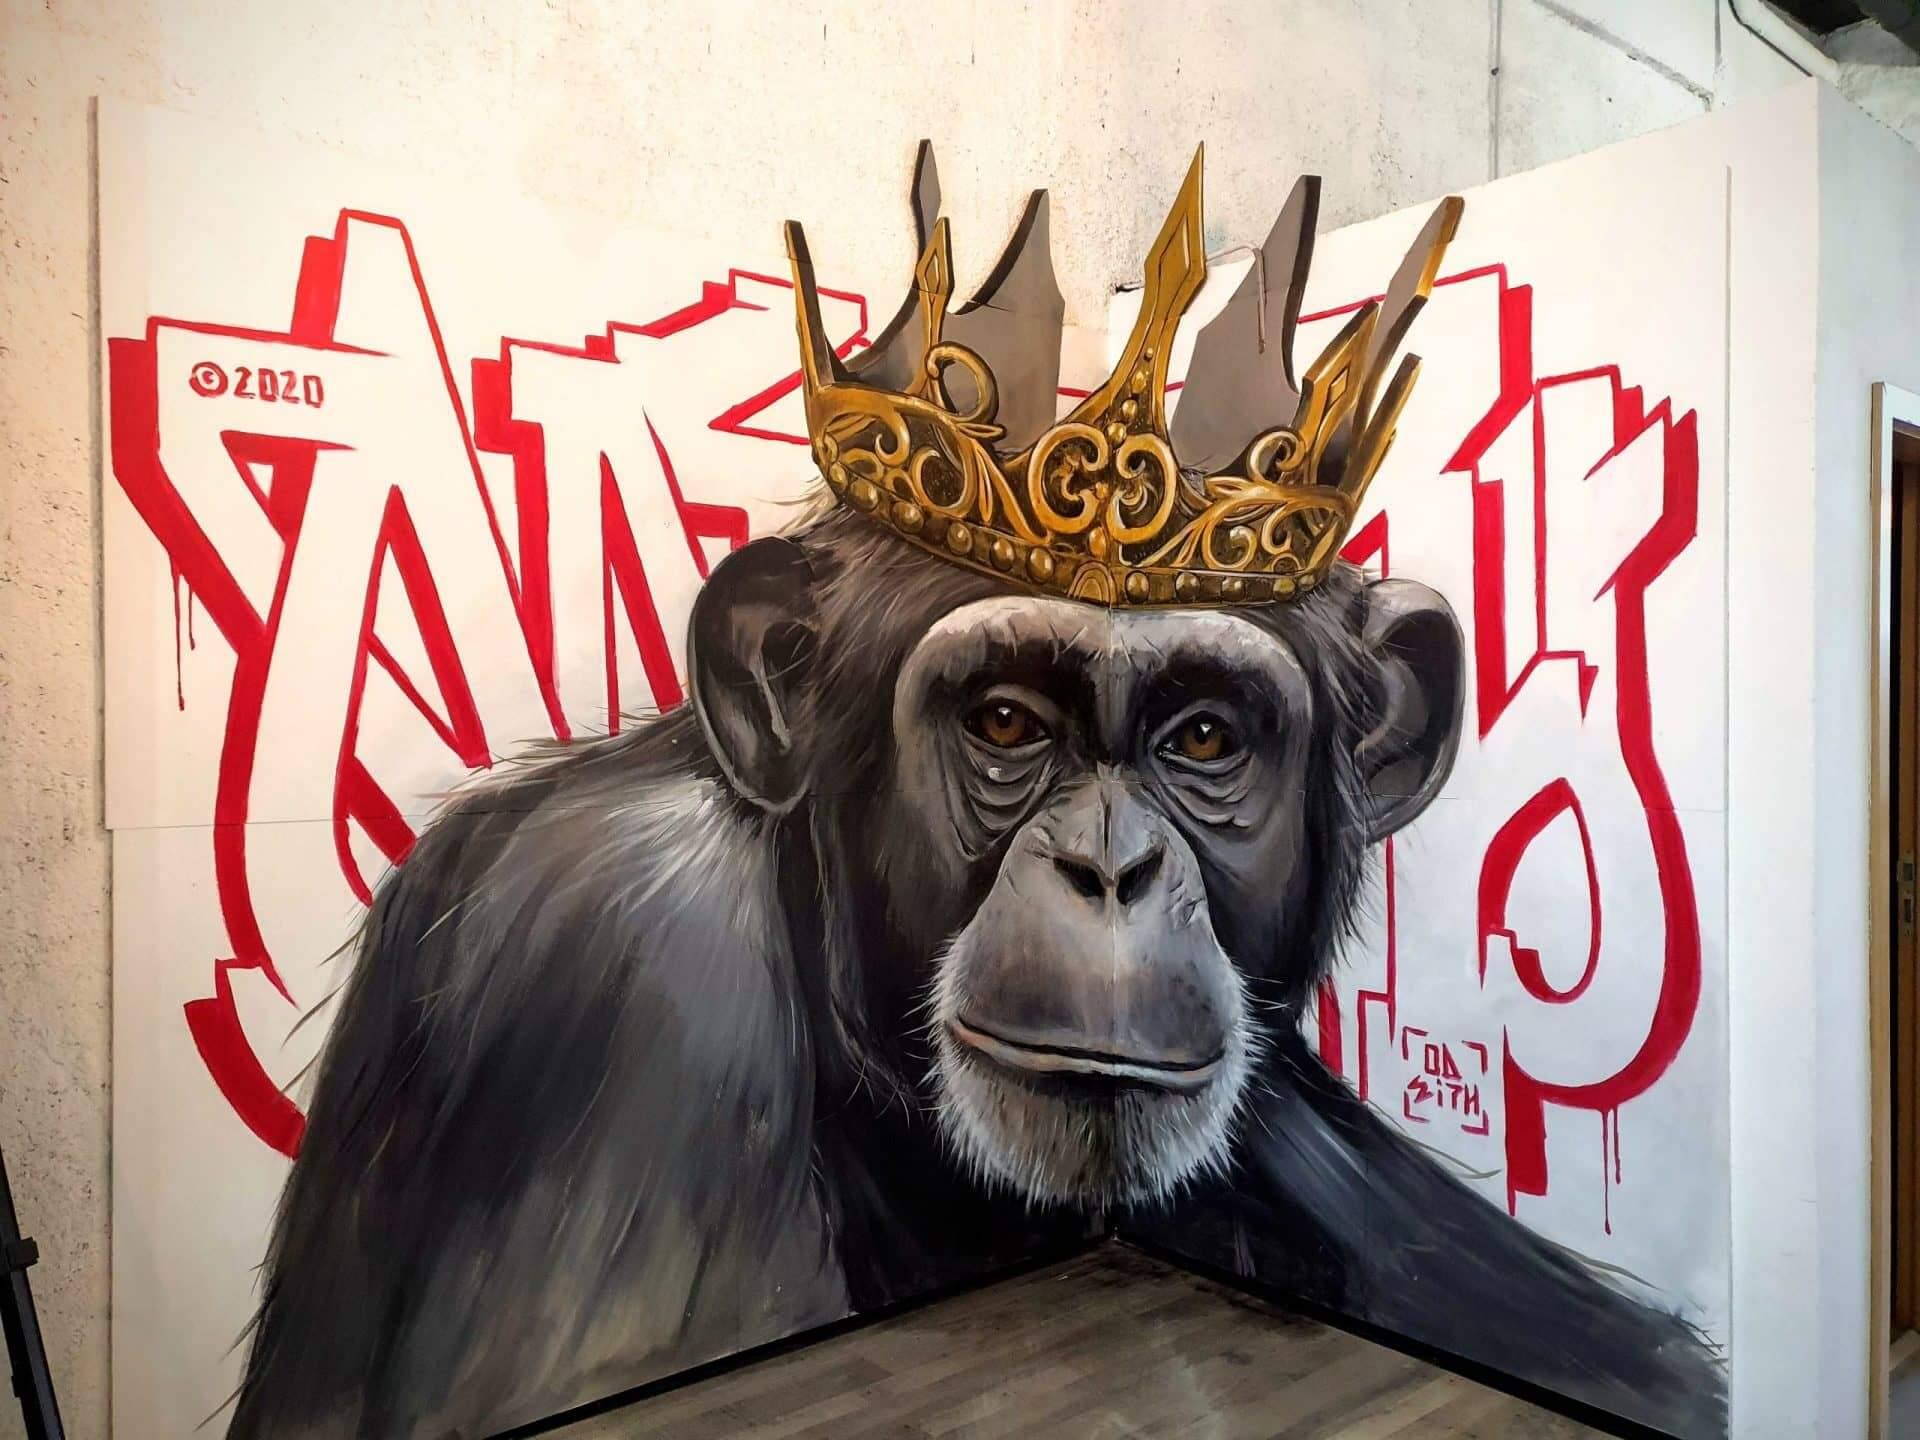 graffiti de un mono con effecto en tres dimensiones por odeith